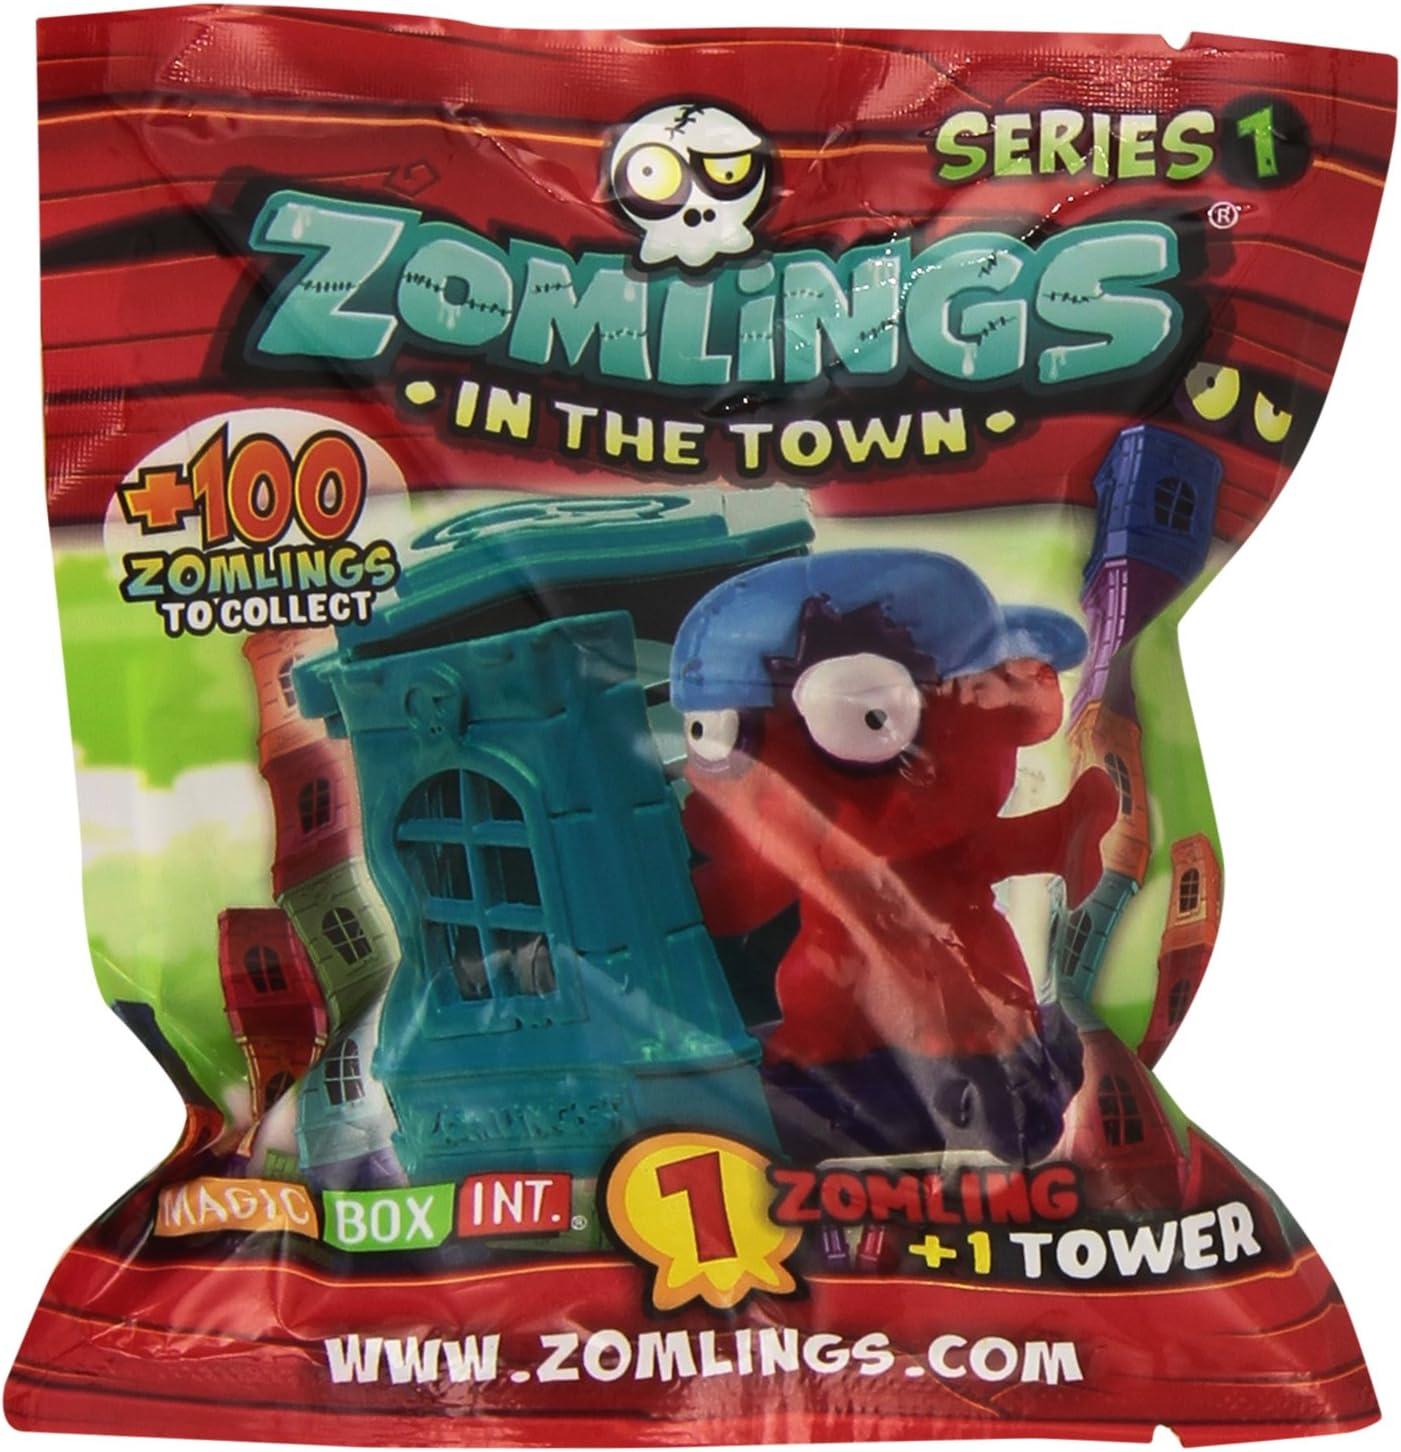 Zomlings - Set de torre y figura, modelo aleatorio (MBX003244): Amazon.es: Juguetes y juegos